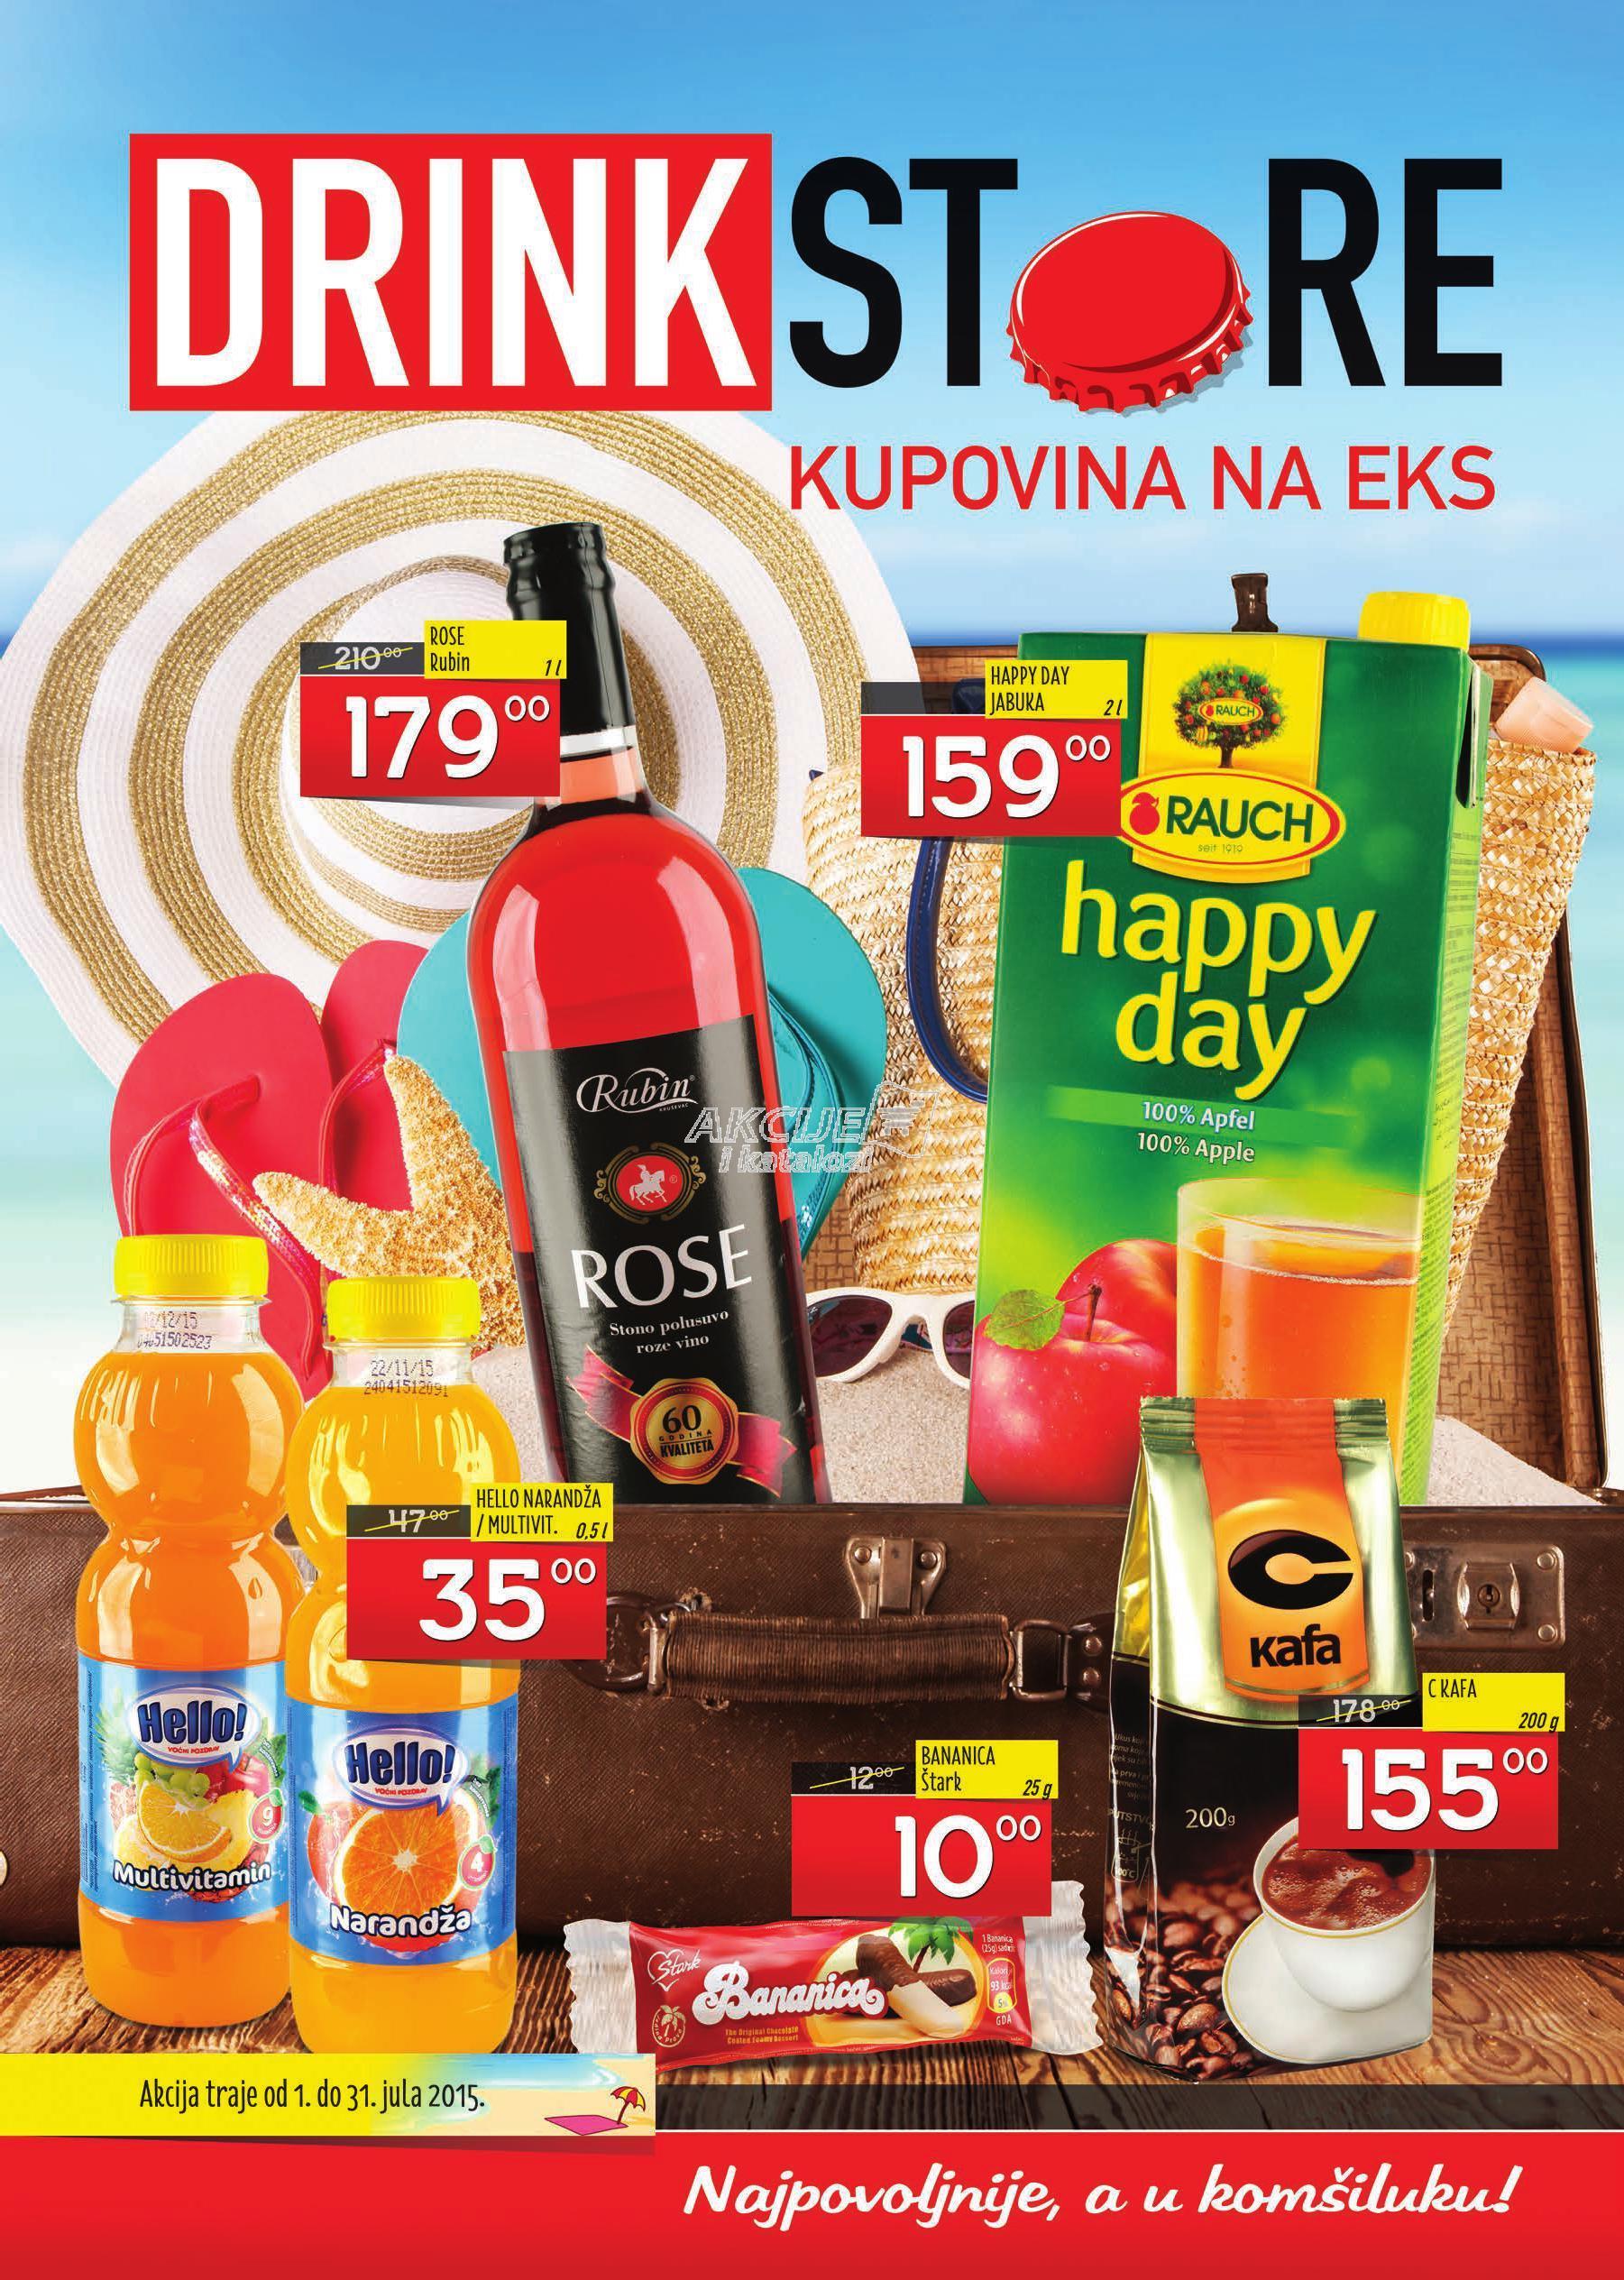 Drink Store akcija super ponude